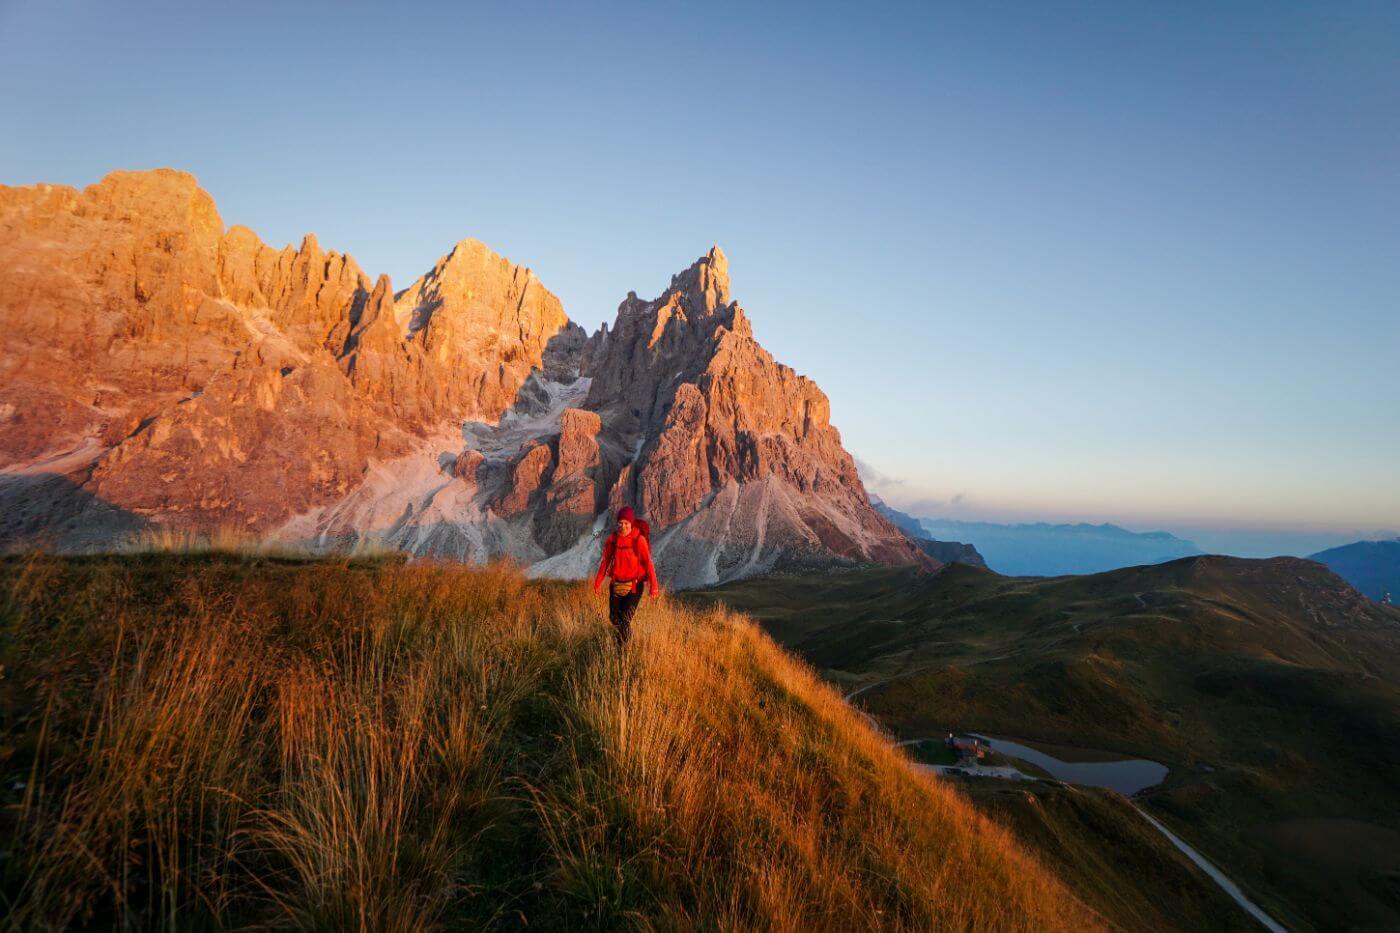 San Martino di Castrozza, Passo Rolle in September, Italian Dolomites